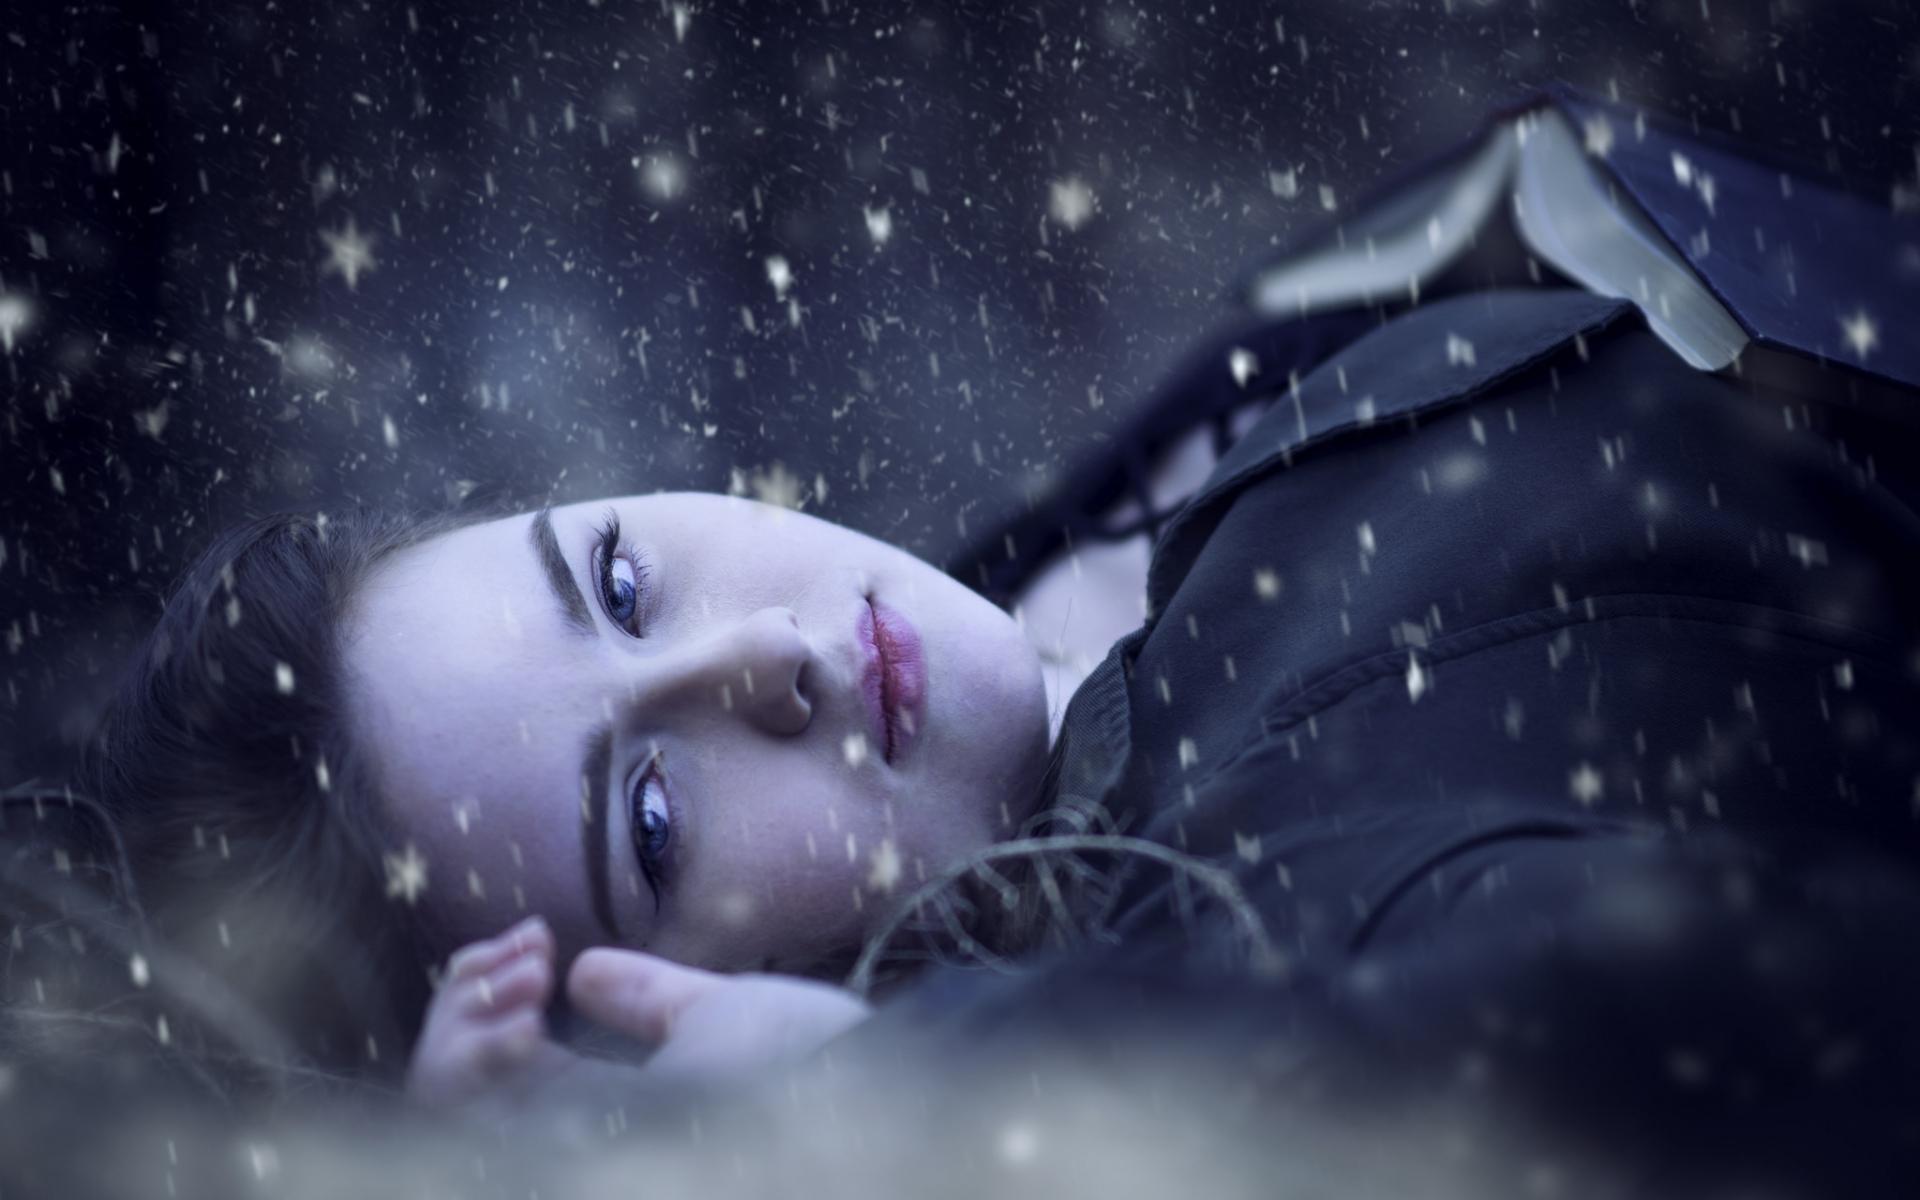 Retrato bajo la nieve - 1920x1200